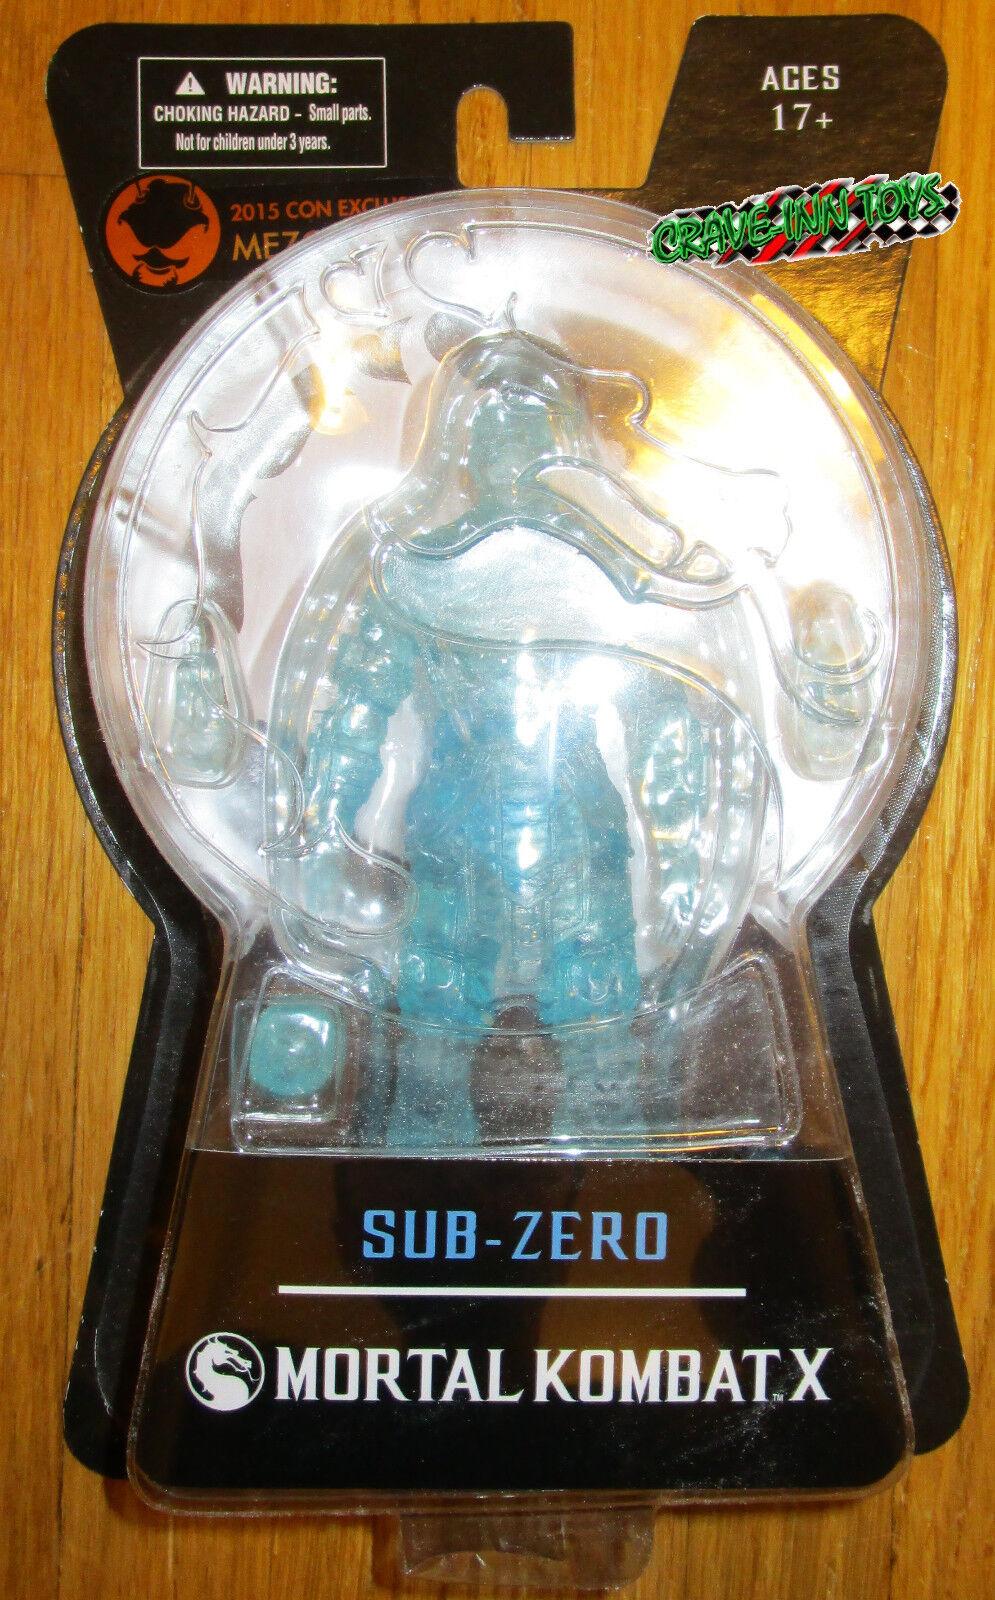 SDCC 2015 MEZCO MORTAL KOMBAT X ICE CLONE SUB ZERO FIGURE EXCLUSIVE LE IN HAND